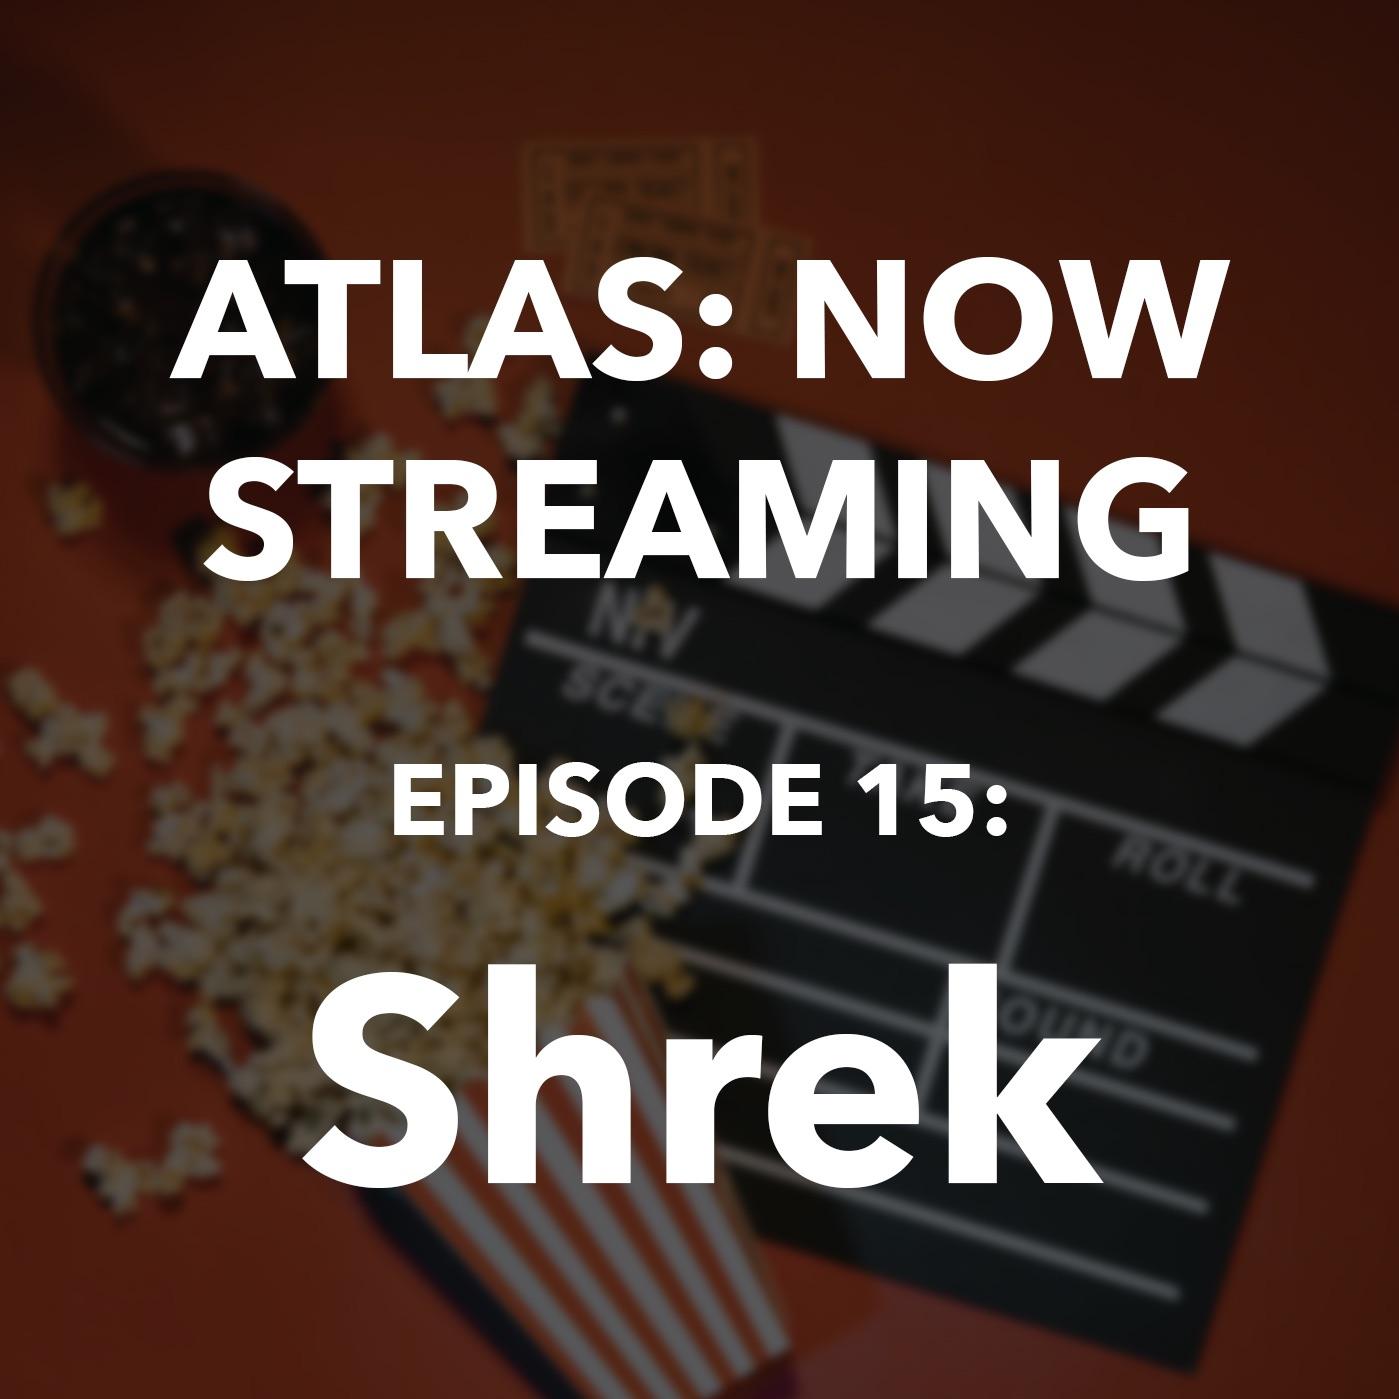 Atlas: Now Streaming Episode 15 - Shrek